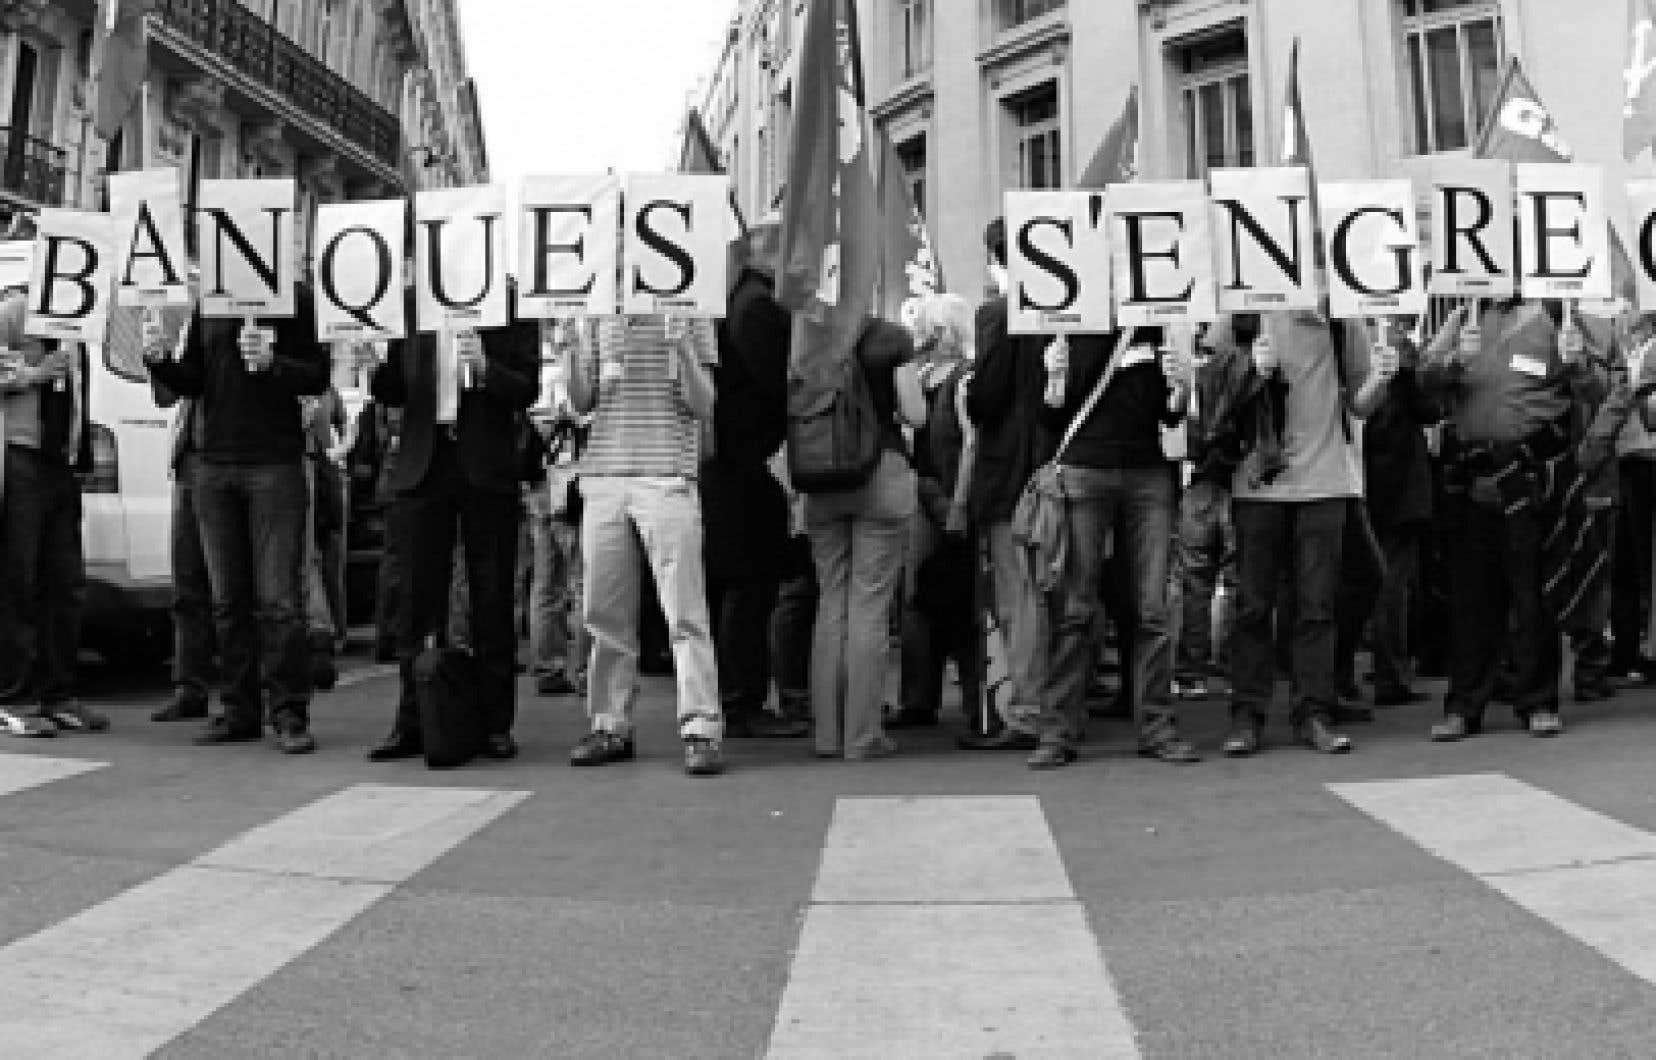 Dans certains coins d'Europe, en France notamment, des citoyens ont manifesté leur solidarité envers le peuple grec.